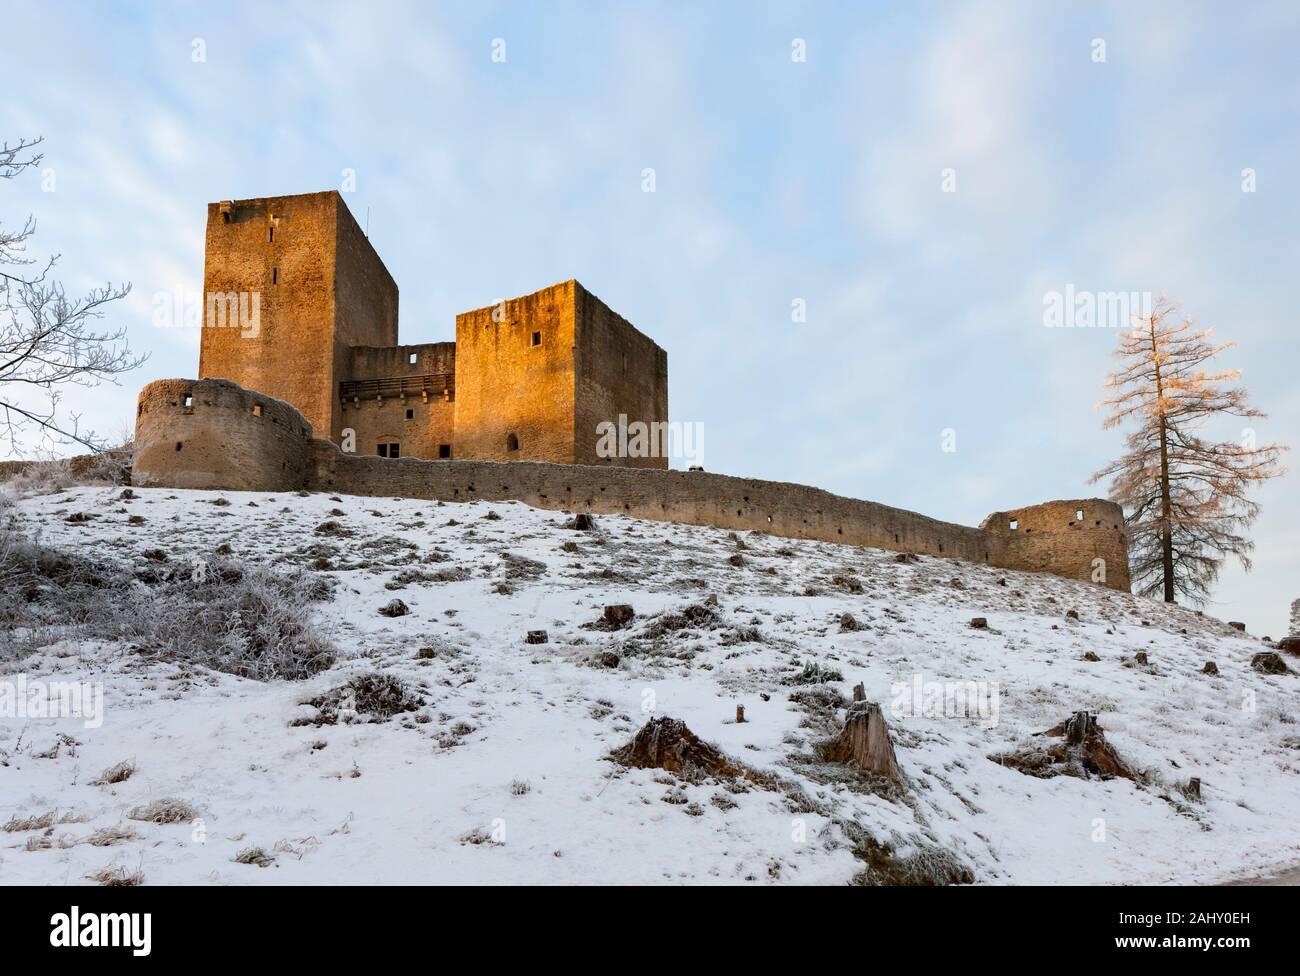 La helada mañana en castillo Landstejn, República Checa. Foto de stock